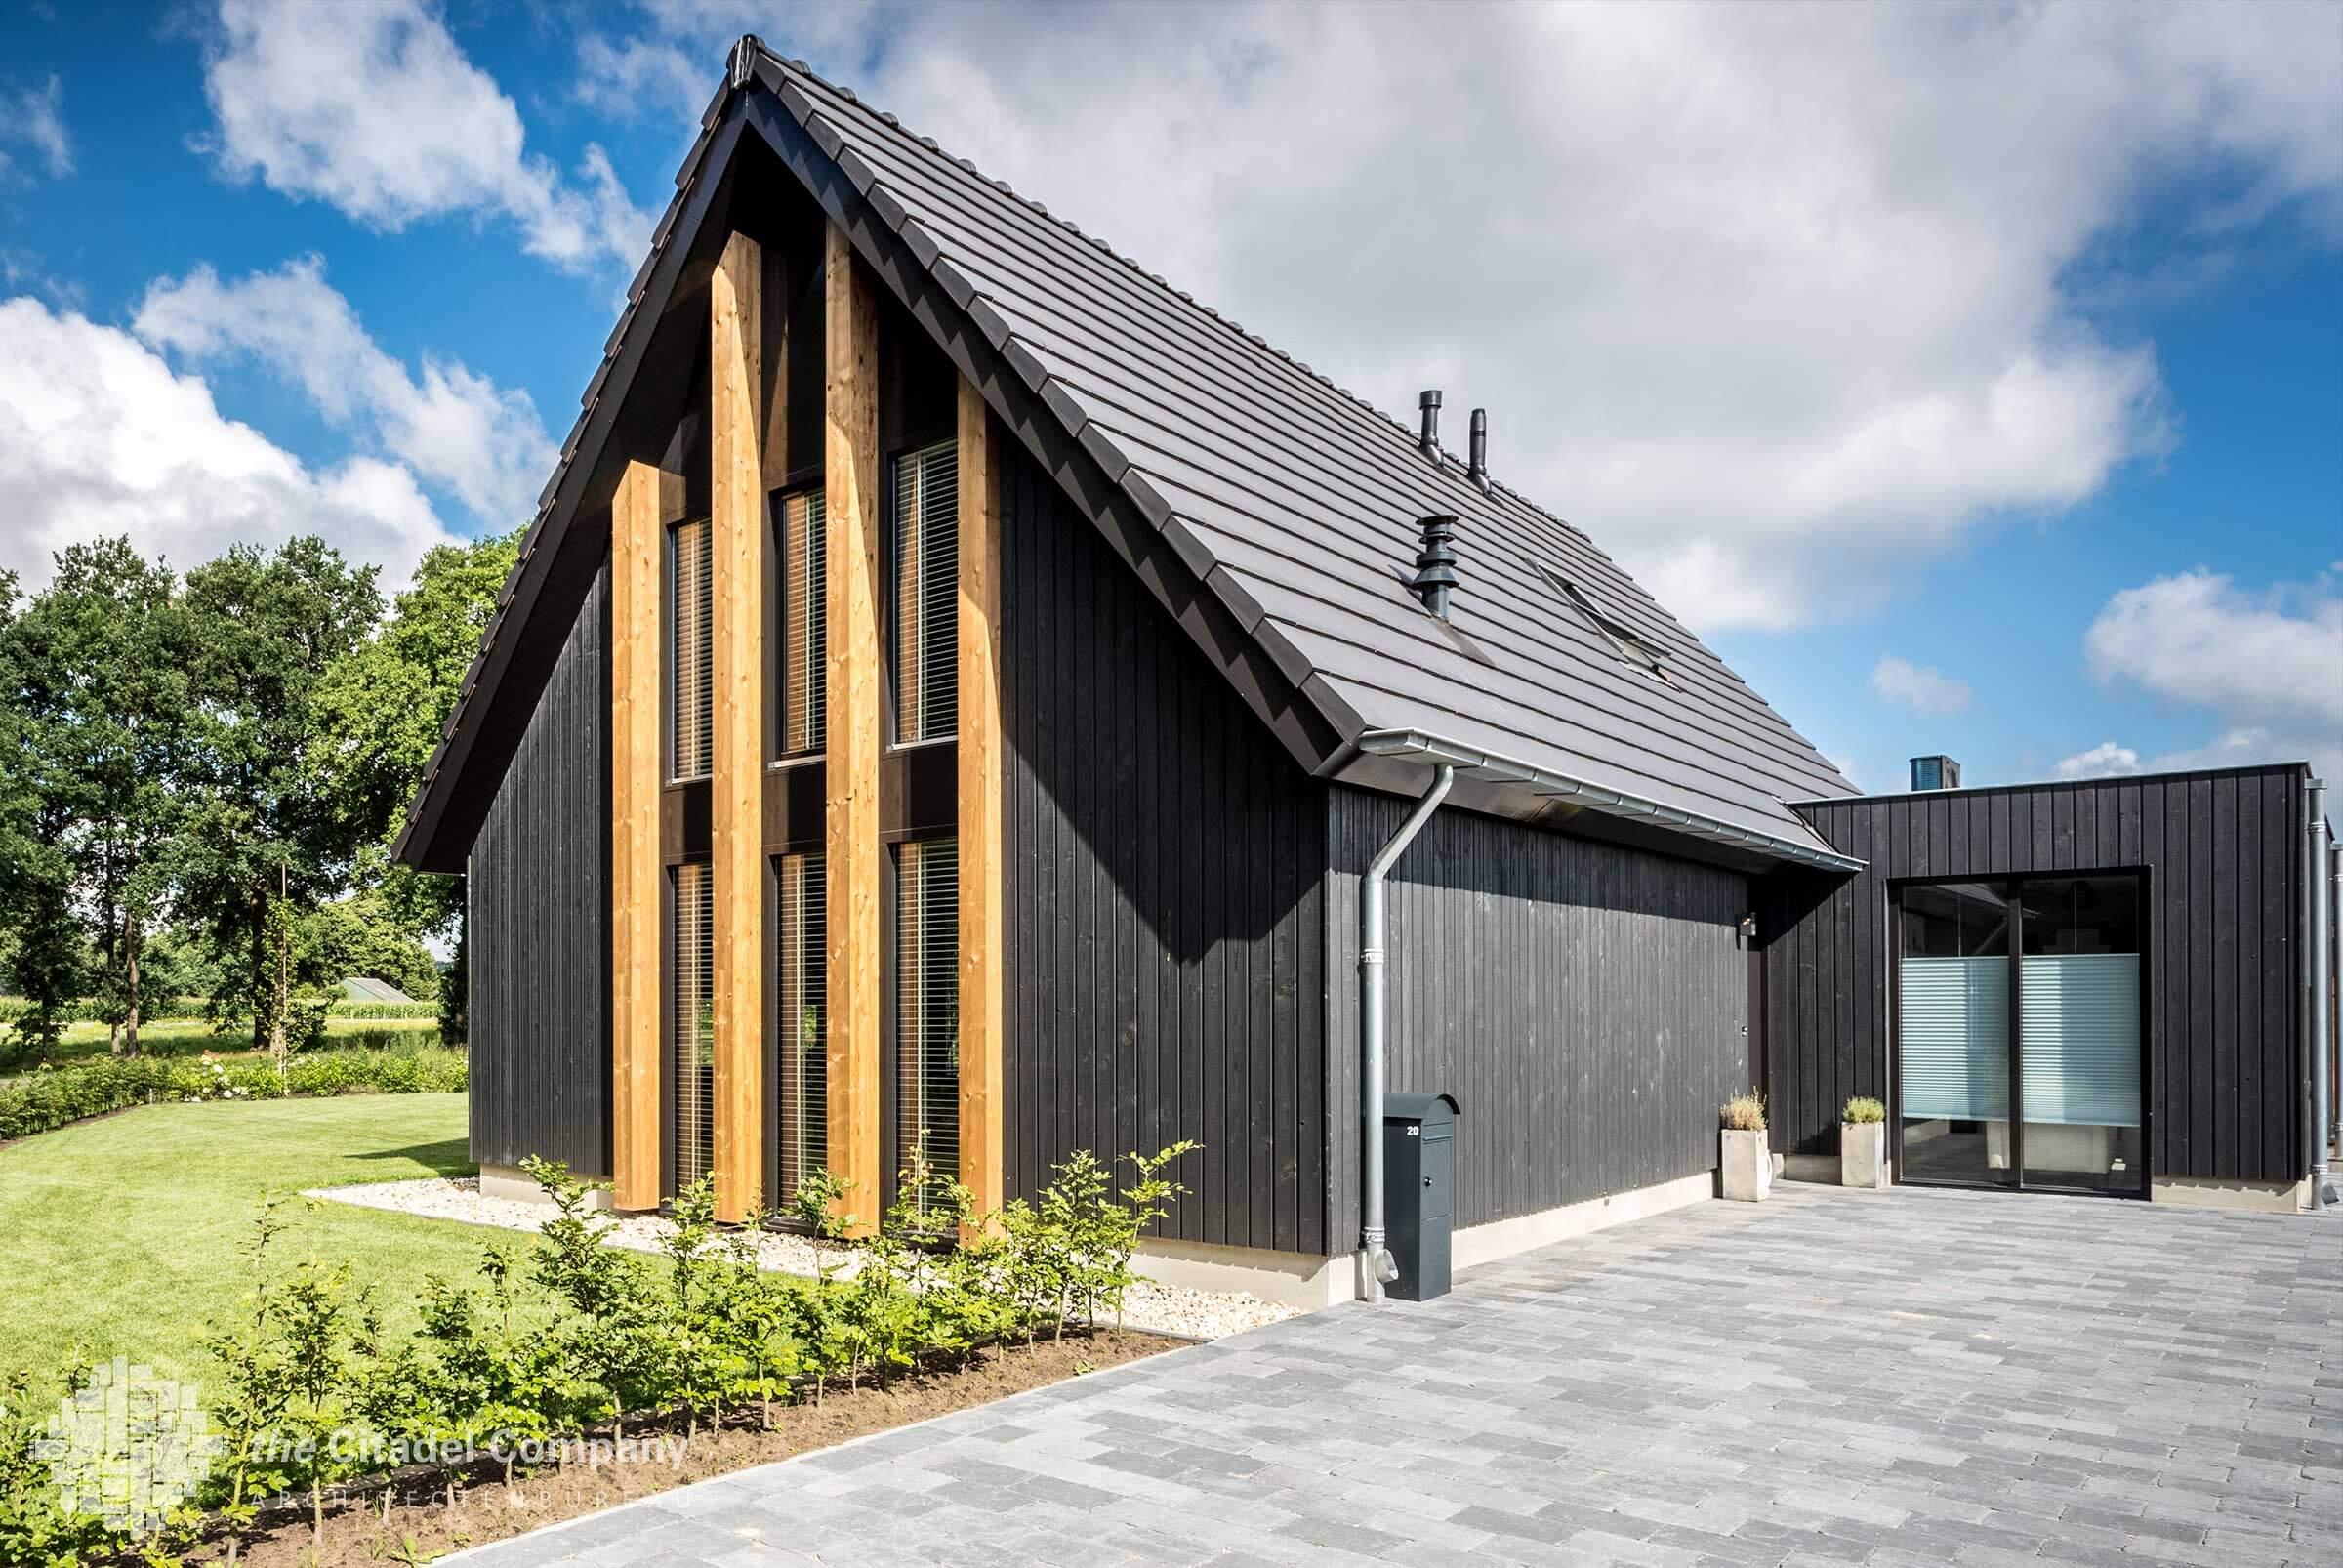 Zwart houten schuurwoning Lemele